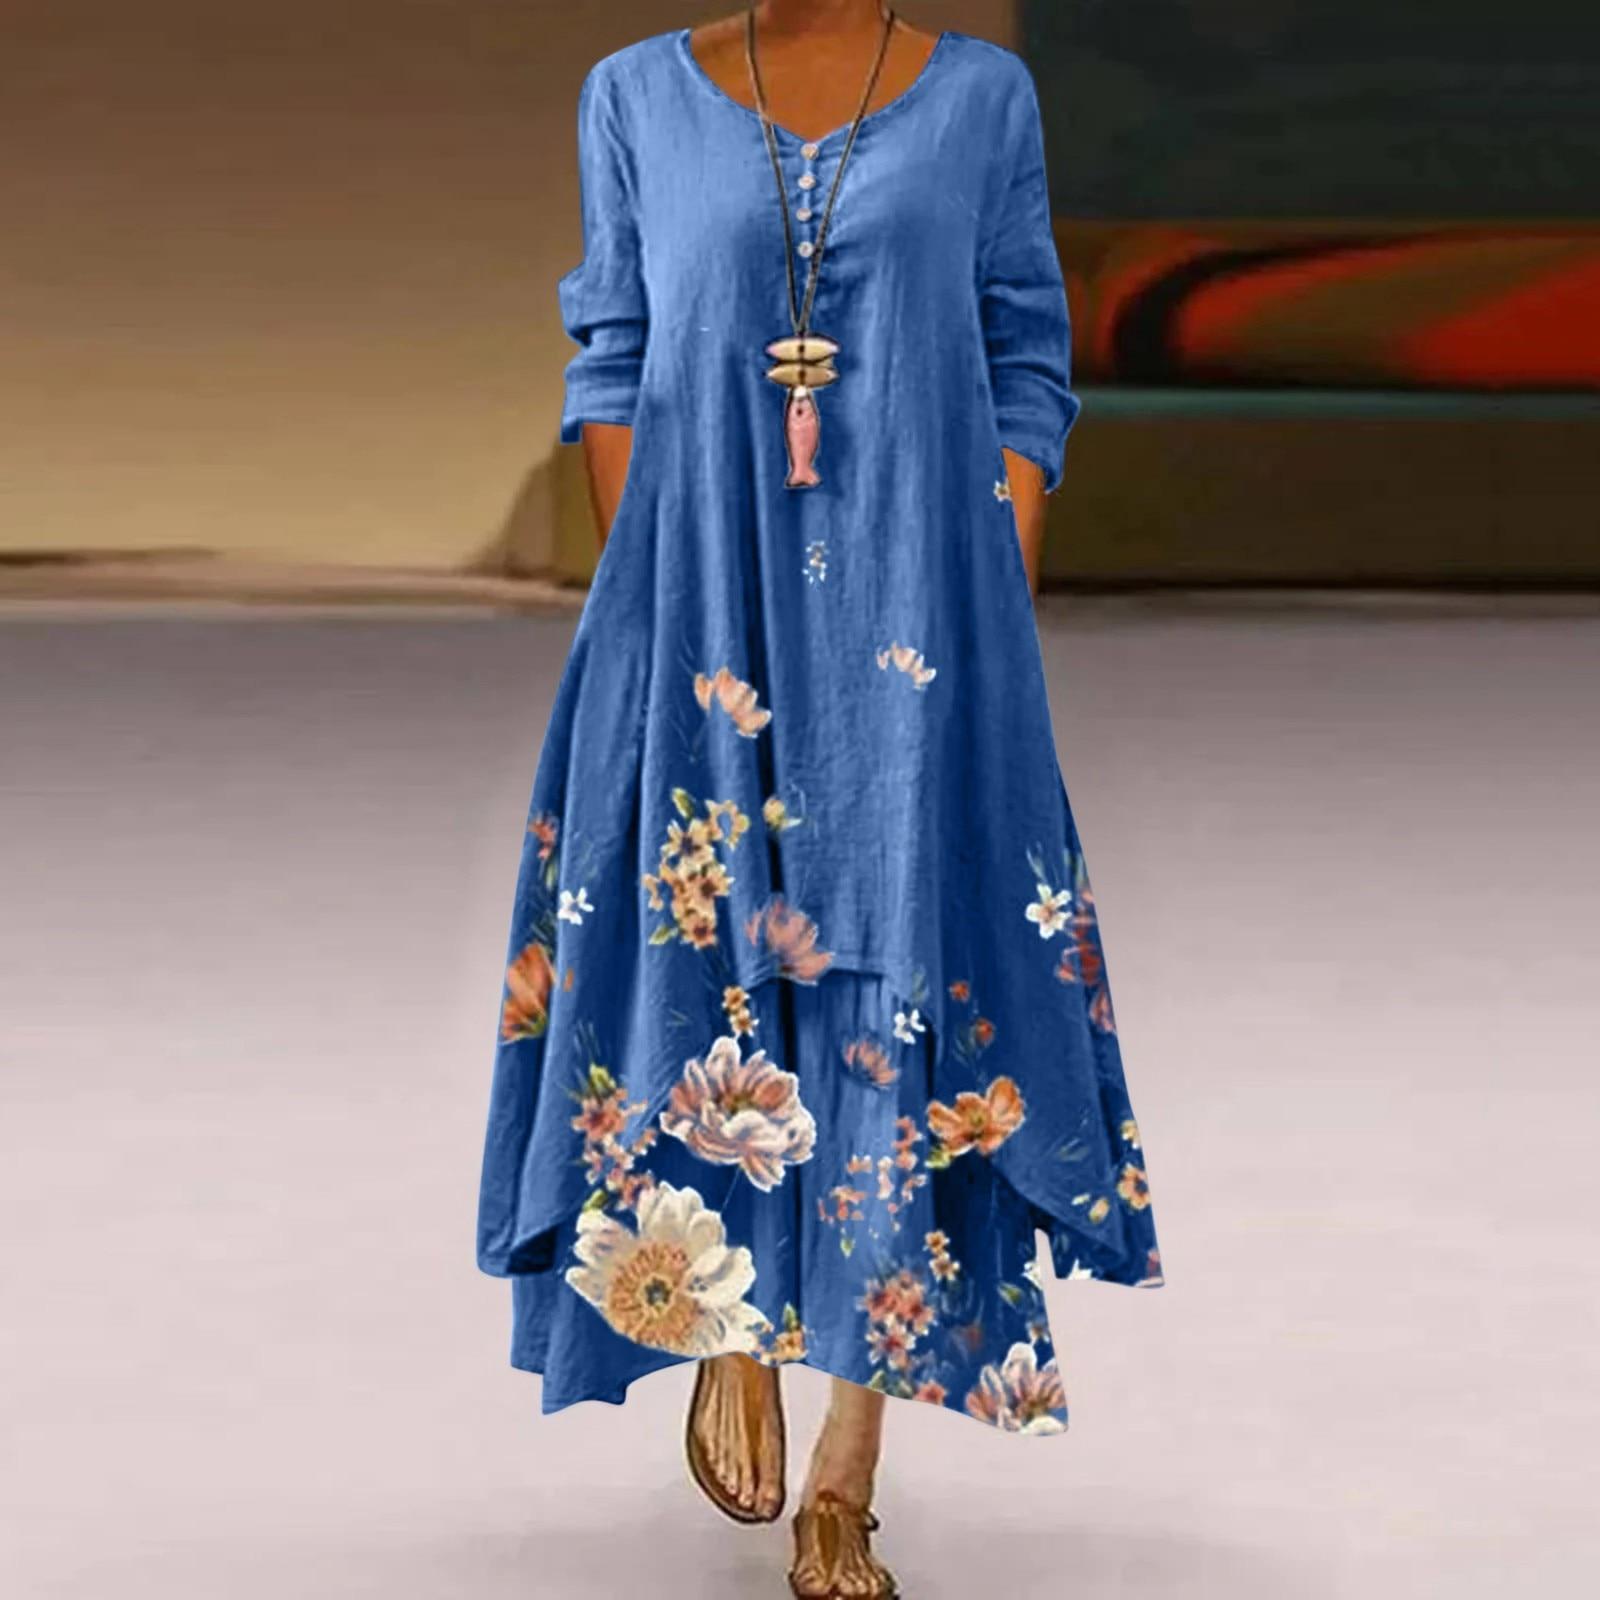 Женская обувь в стиле «Бохо свободное платье Цветочный принт платья с О-образным вырезом с длинным рукавом платье с разной длиной подола; Дл...